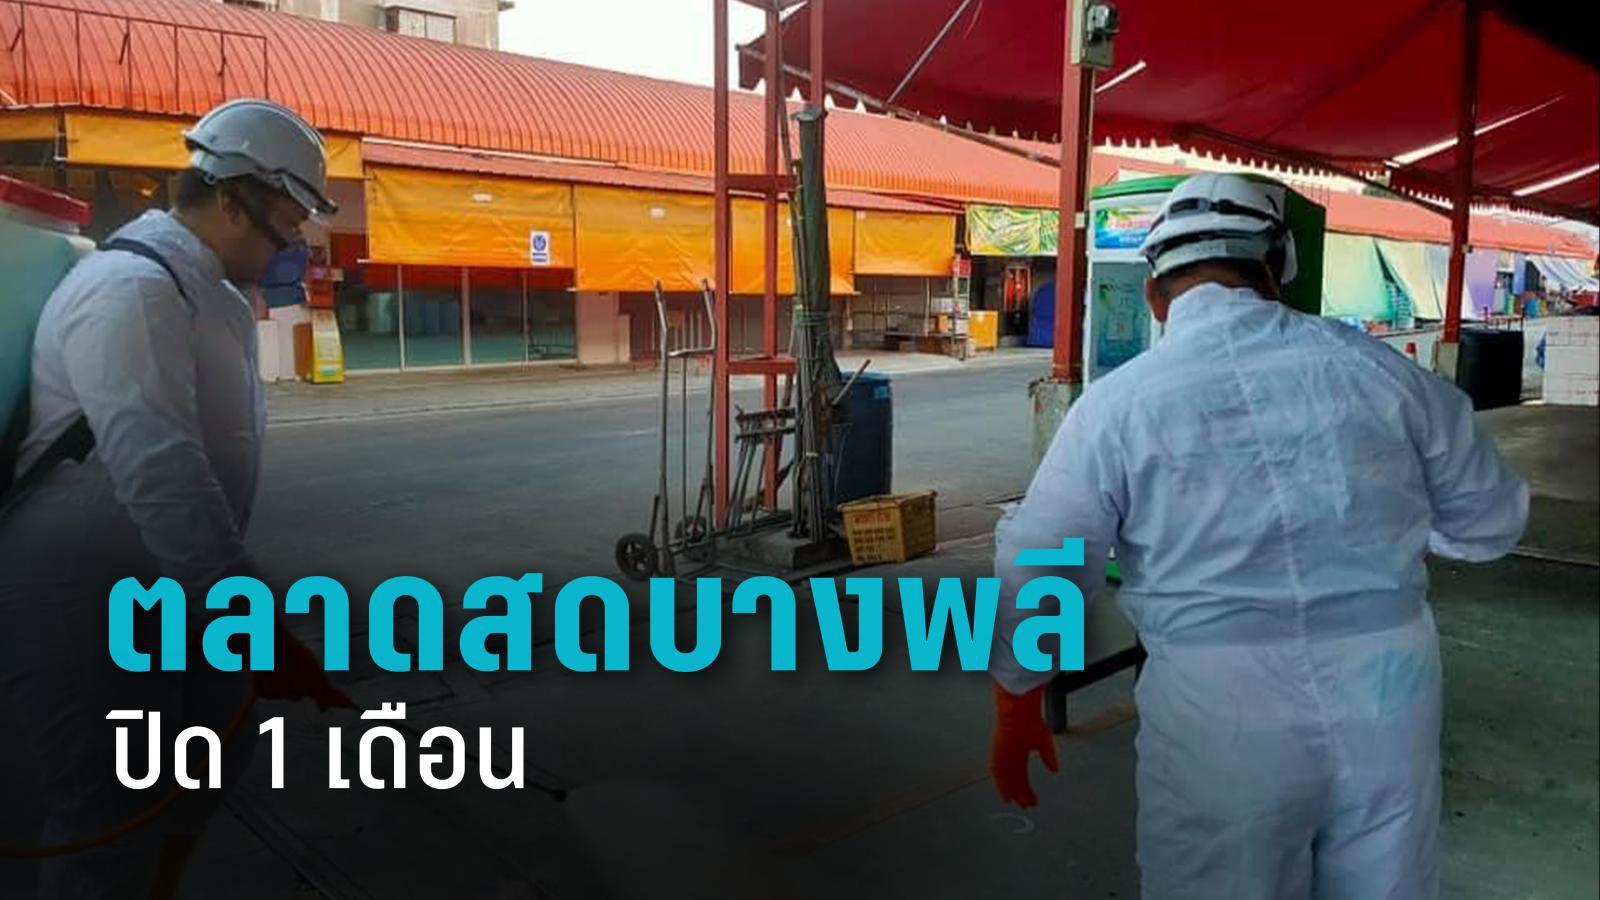 ตลาดสดบางพลี ประกาศปิด 1 เดือนขอความร่วมมือพ่อค้า-แม่ค้า-ลูกค้า กักตัว 14 วัน